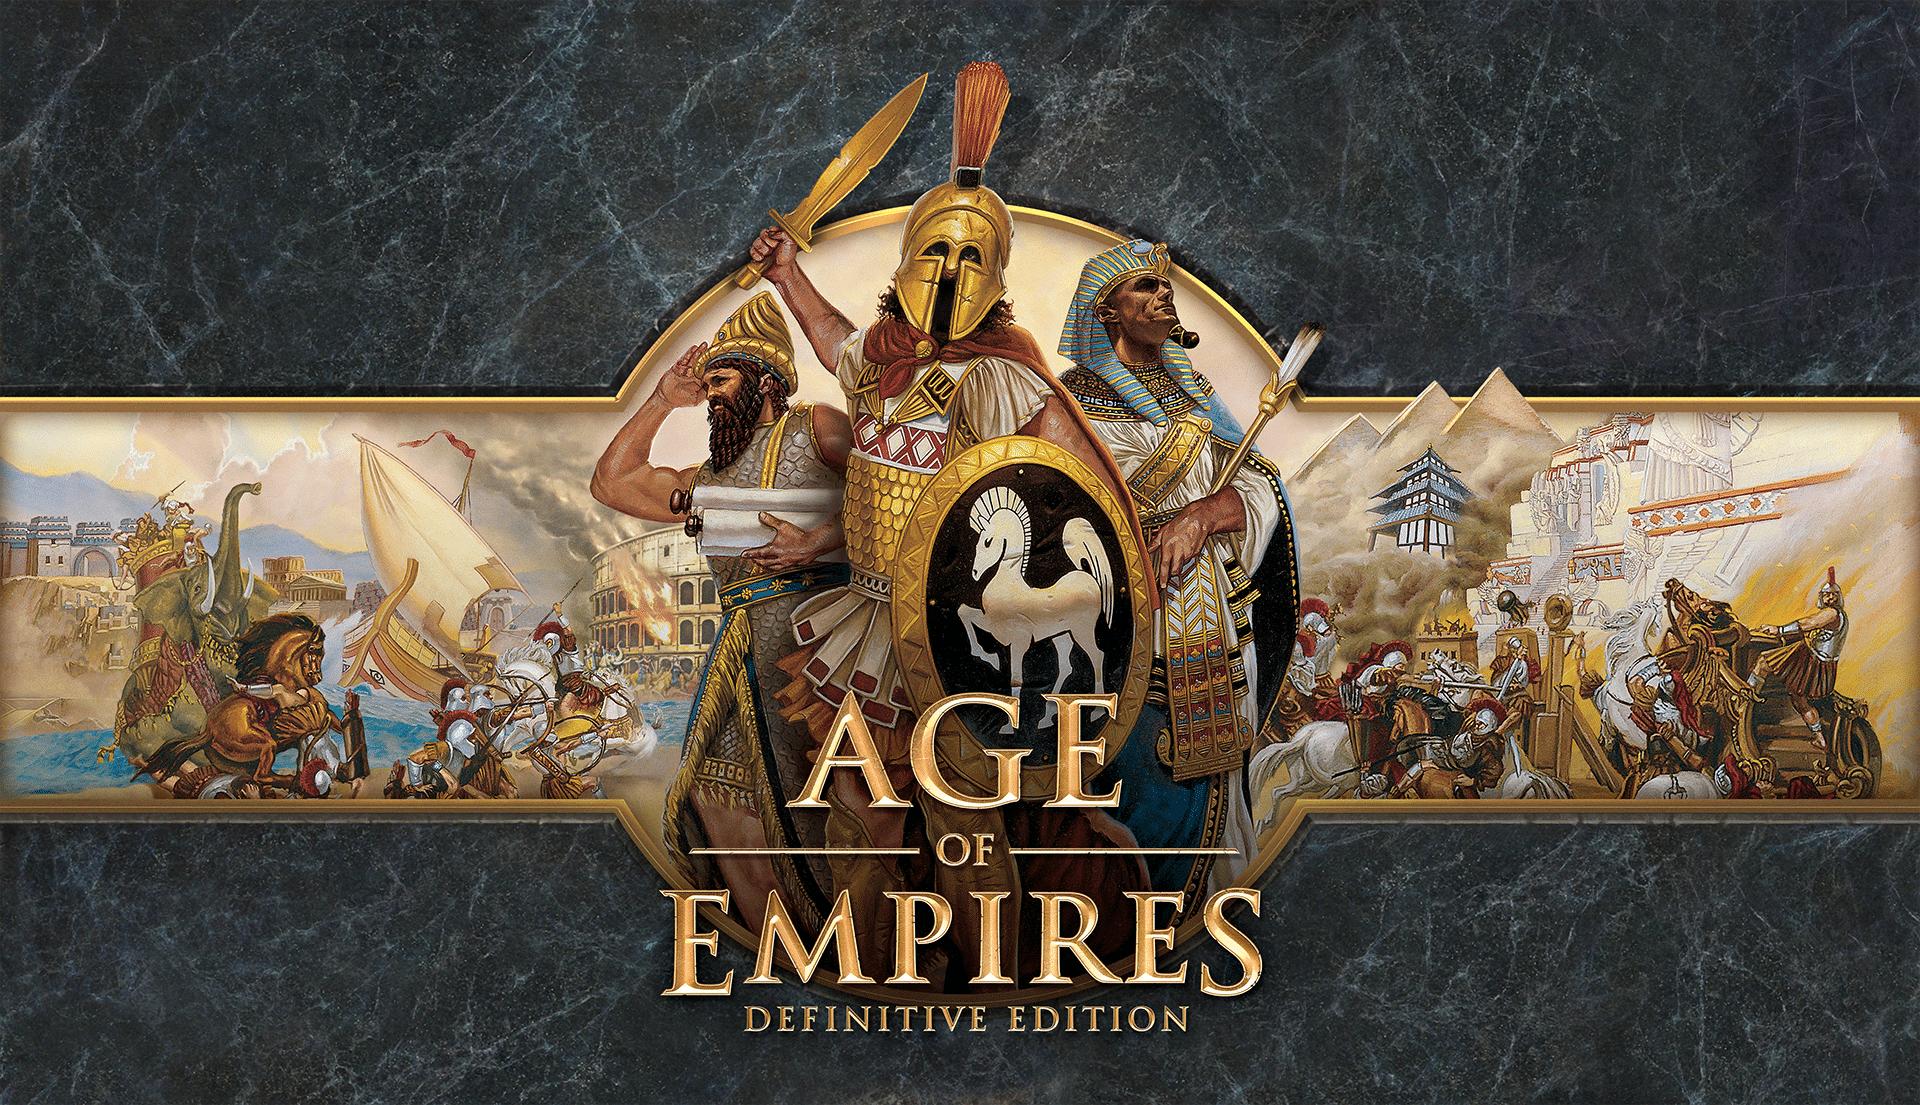 Το Age of Empires βάζει τα καλά του! - videogamer.gr